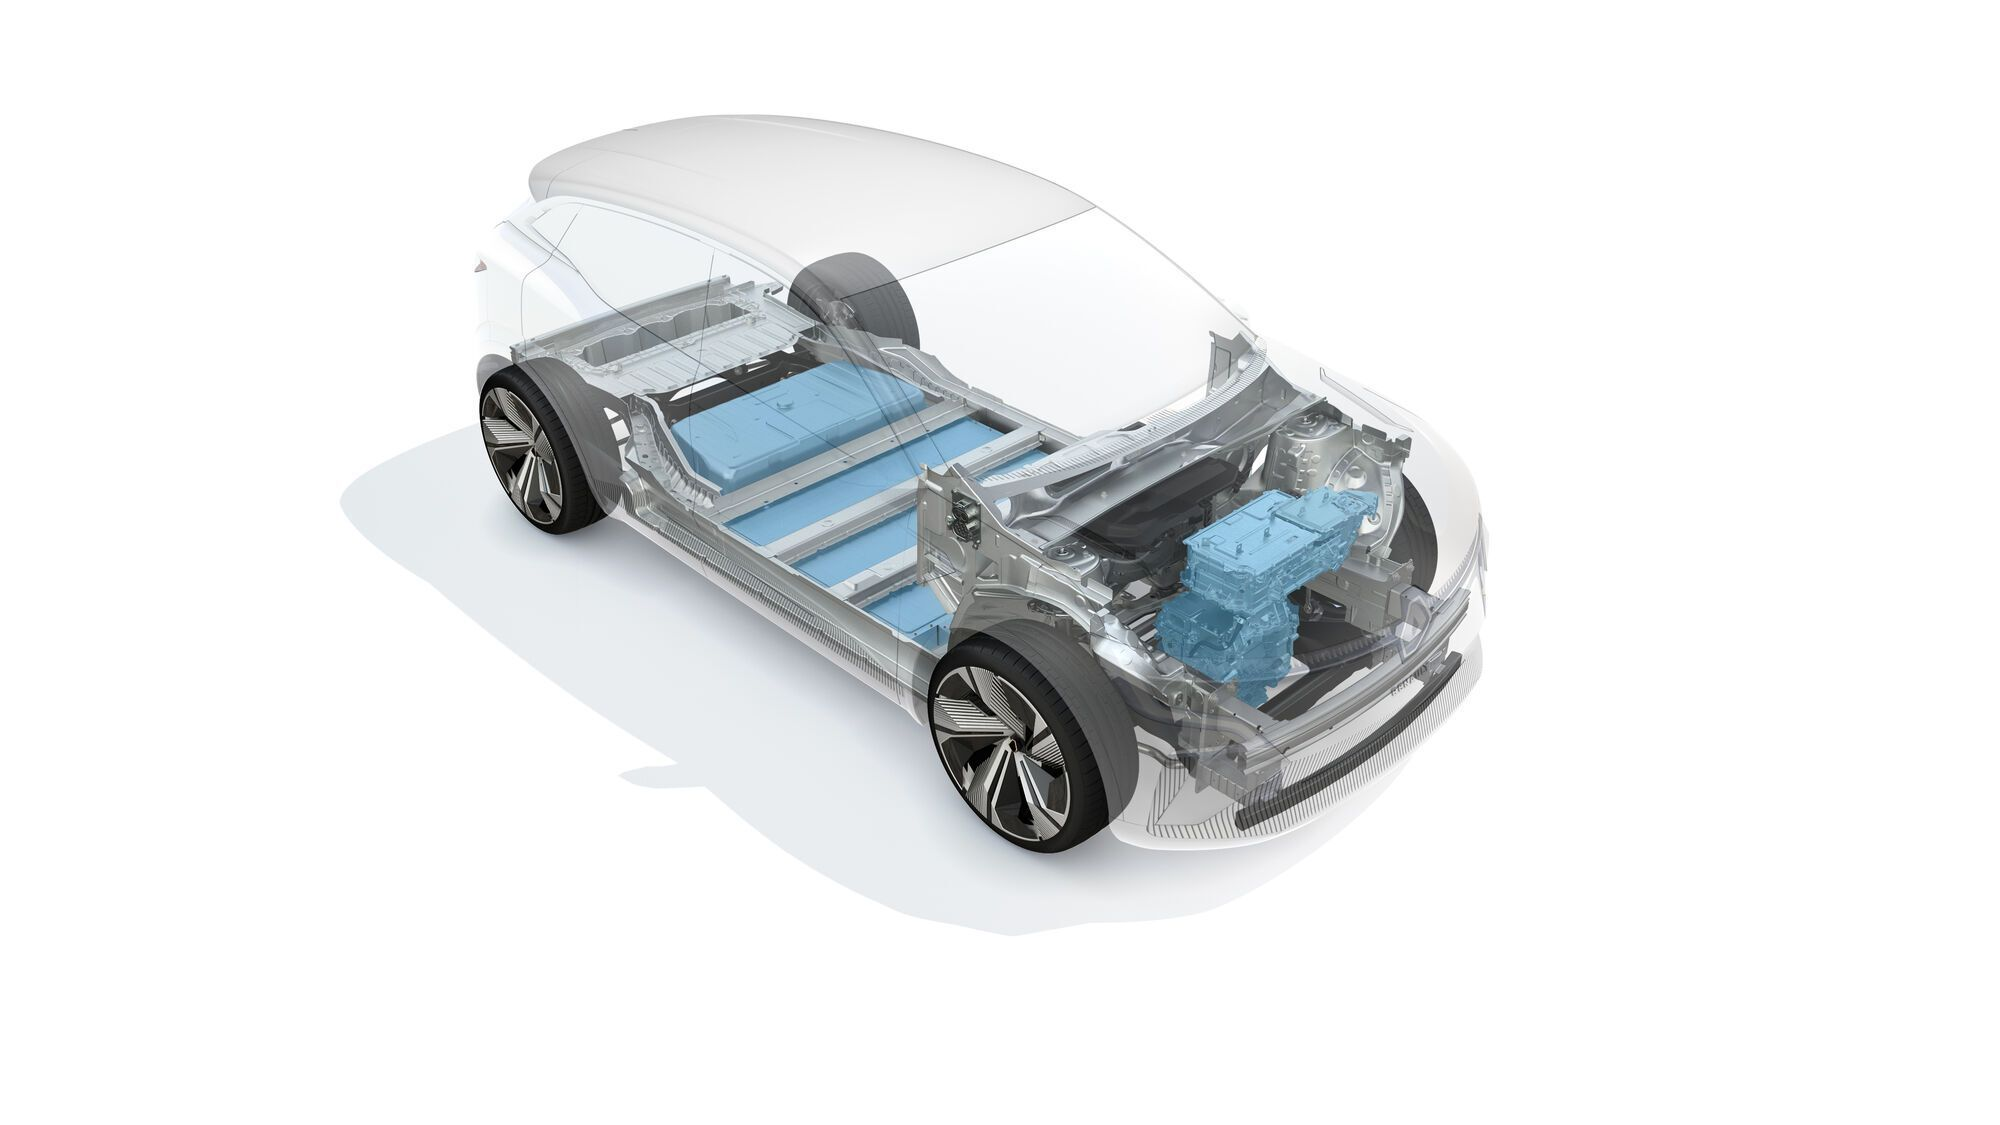 Renault Megane eVision построен на модульной электрической платформе CMF-EV